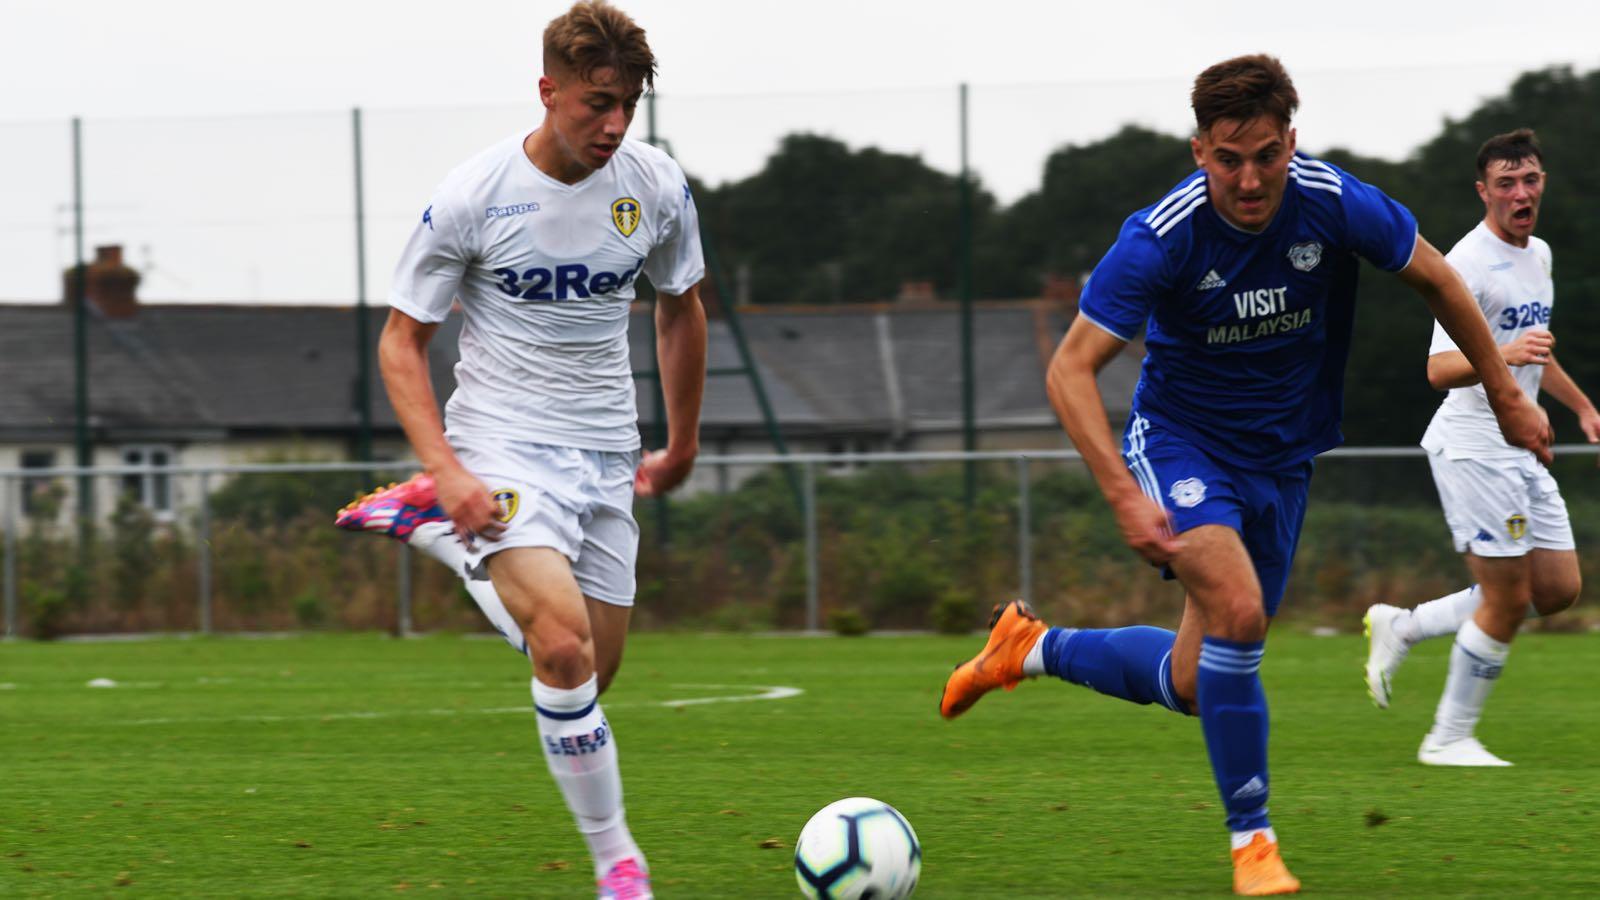 Leeds United: Liverpool Transfer News: Klopp Wants Leeds United's Jack